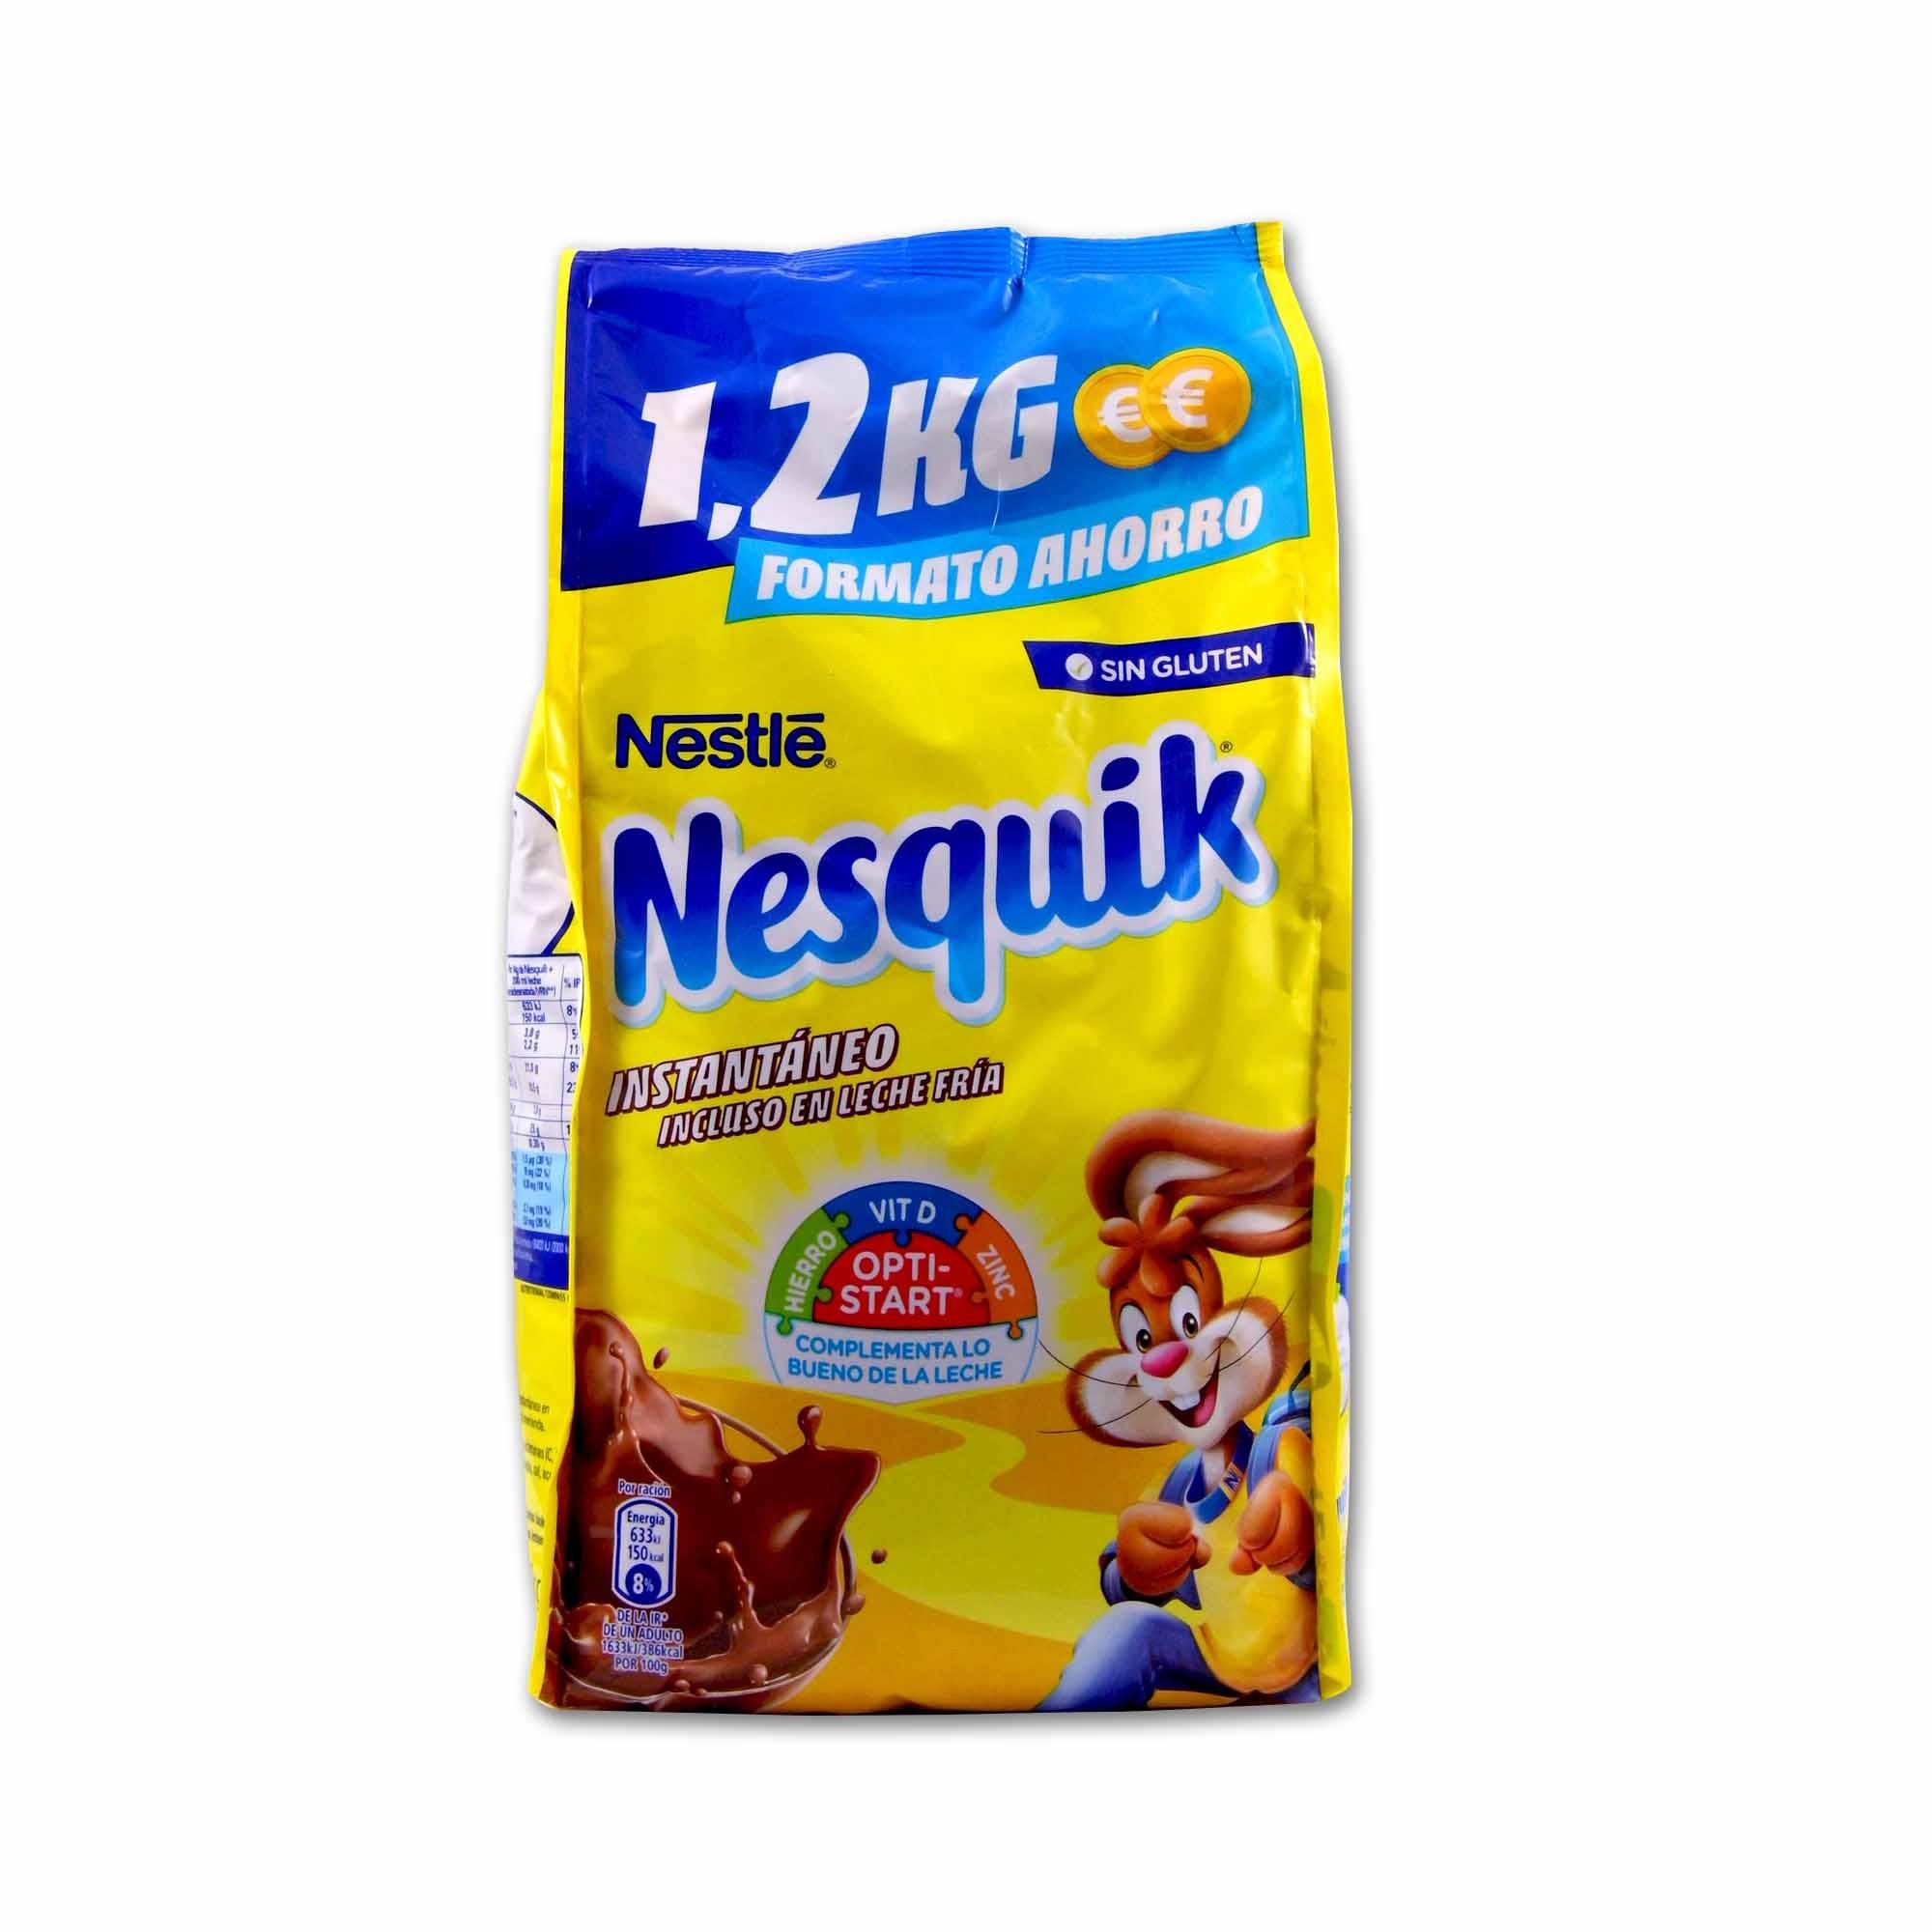 Nesquik Cacao Soluble Instantáneo 1 2kg Cestaclick Es